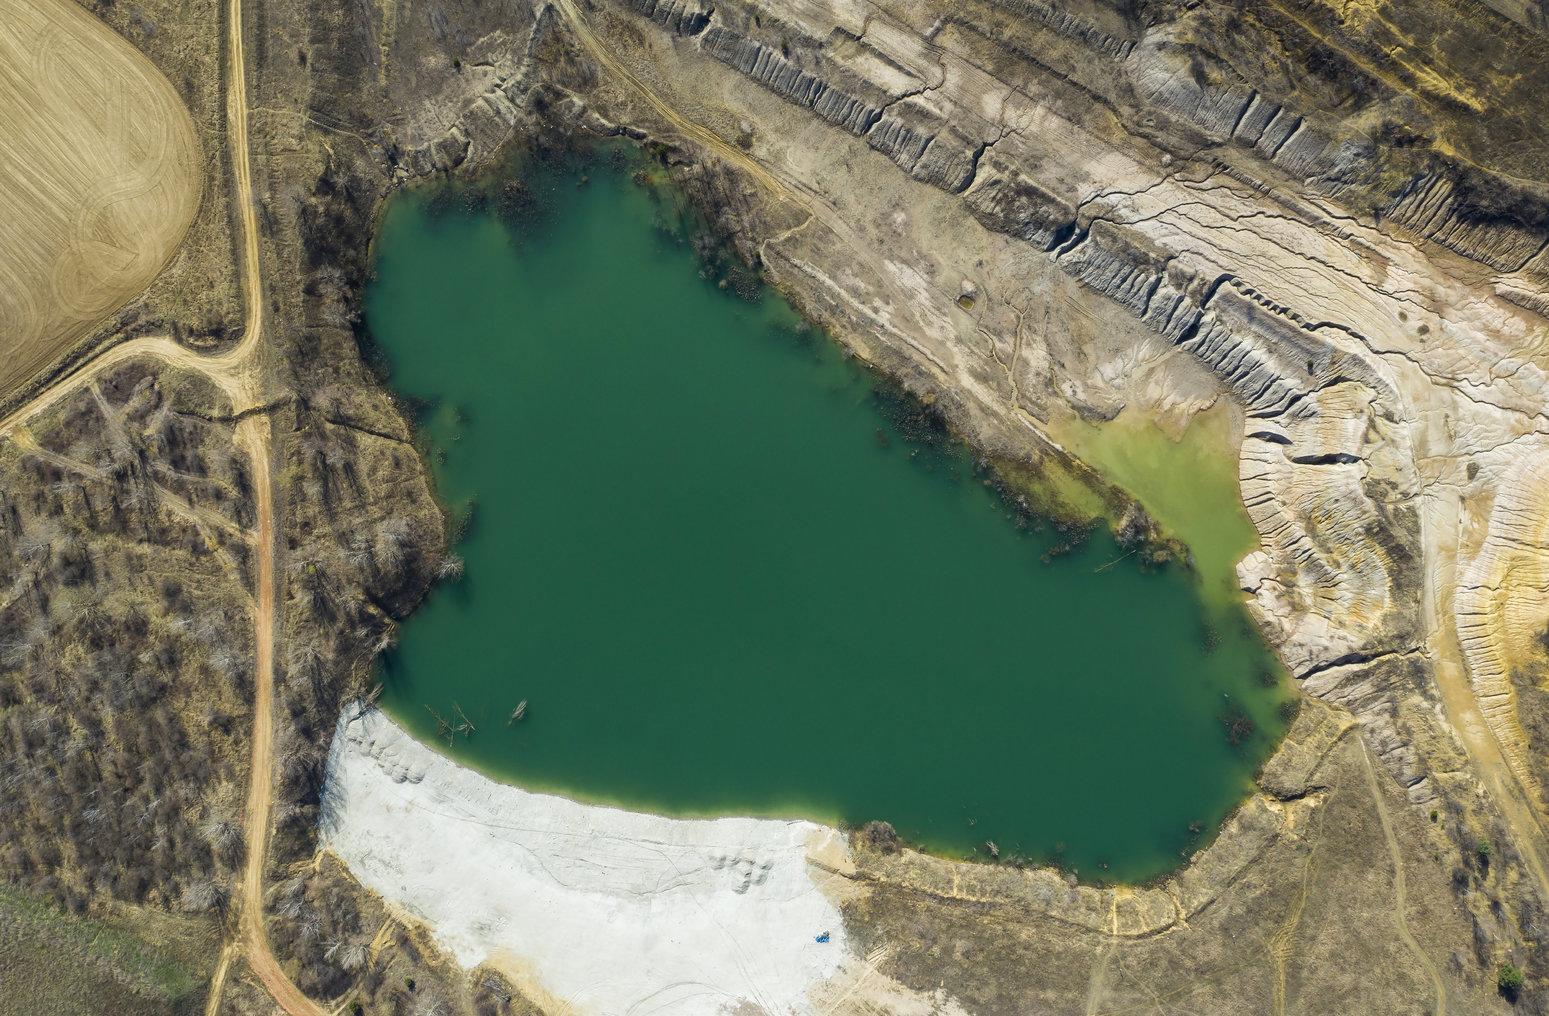 Solymár,  2019. március 22. Bányató Solymár közelében 2019. március 21-én. Az ENSZ március 22-ét nyilvánította a víz világnapjává, amelynek célja a környezet és ezen belül a Föld vízkészletének védelme. MTI/Mohai Balázs